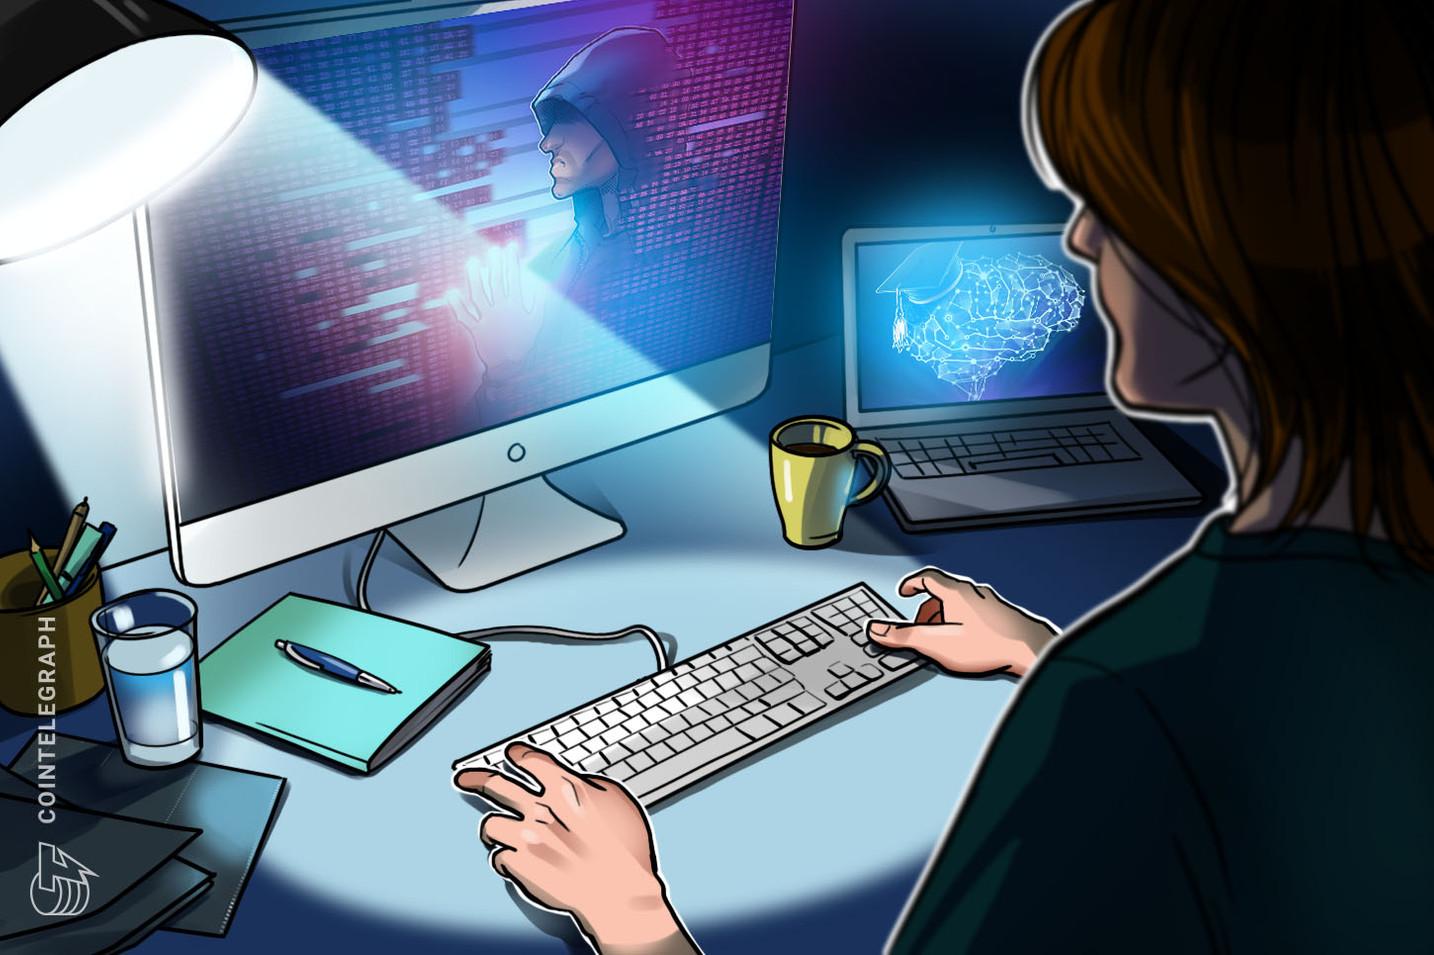 Los ataques con ransomware están aumentando en el sector de la educación